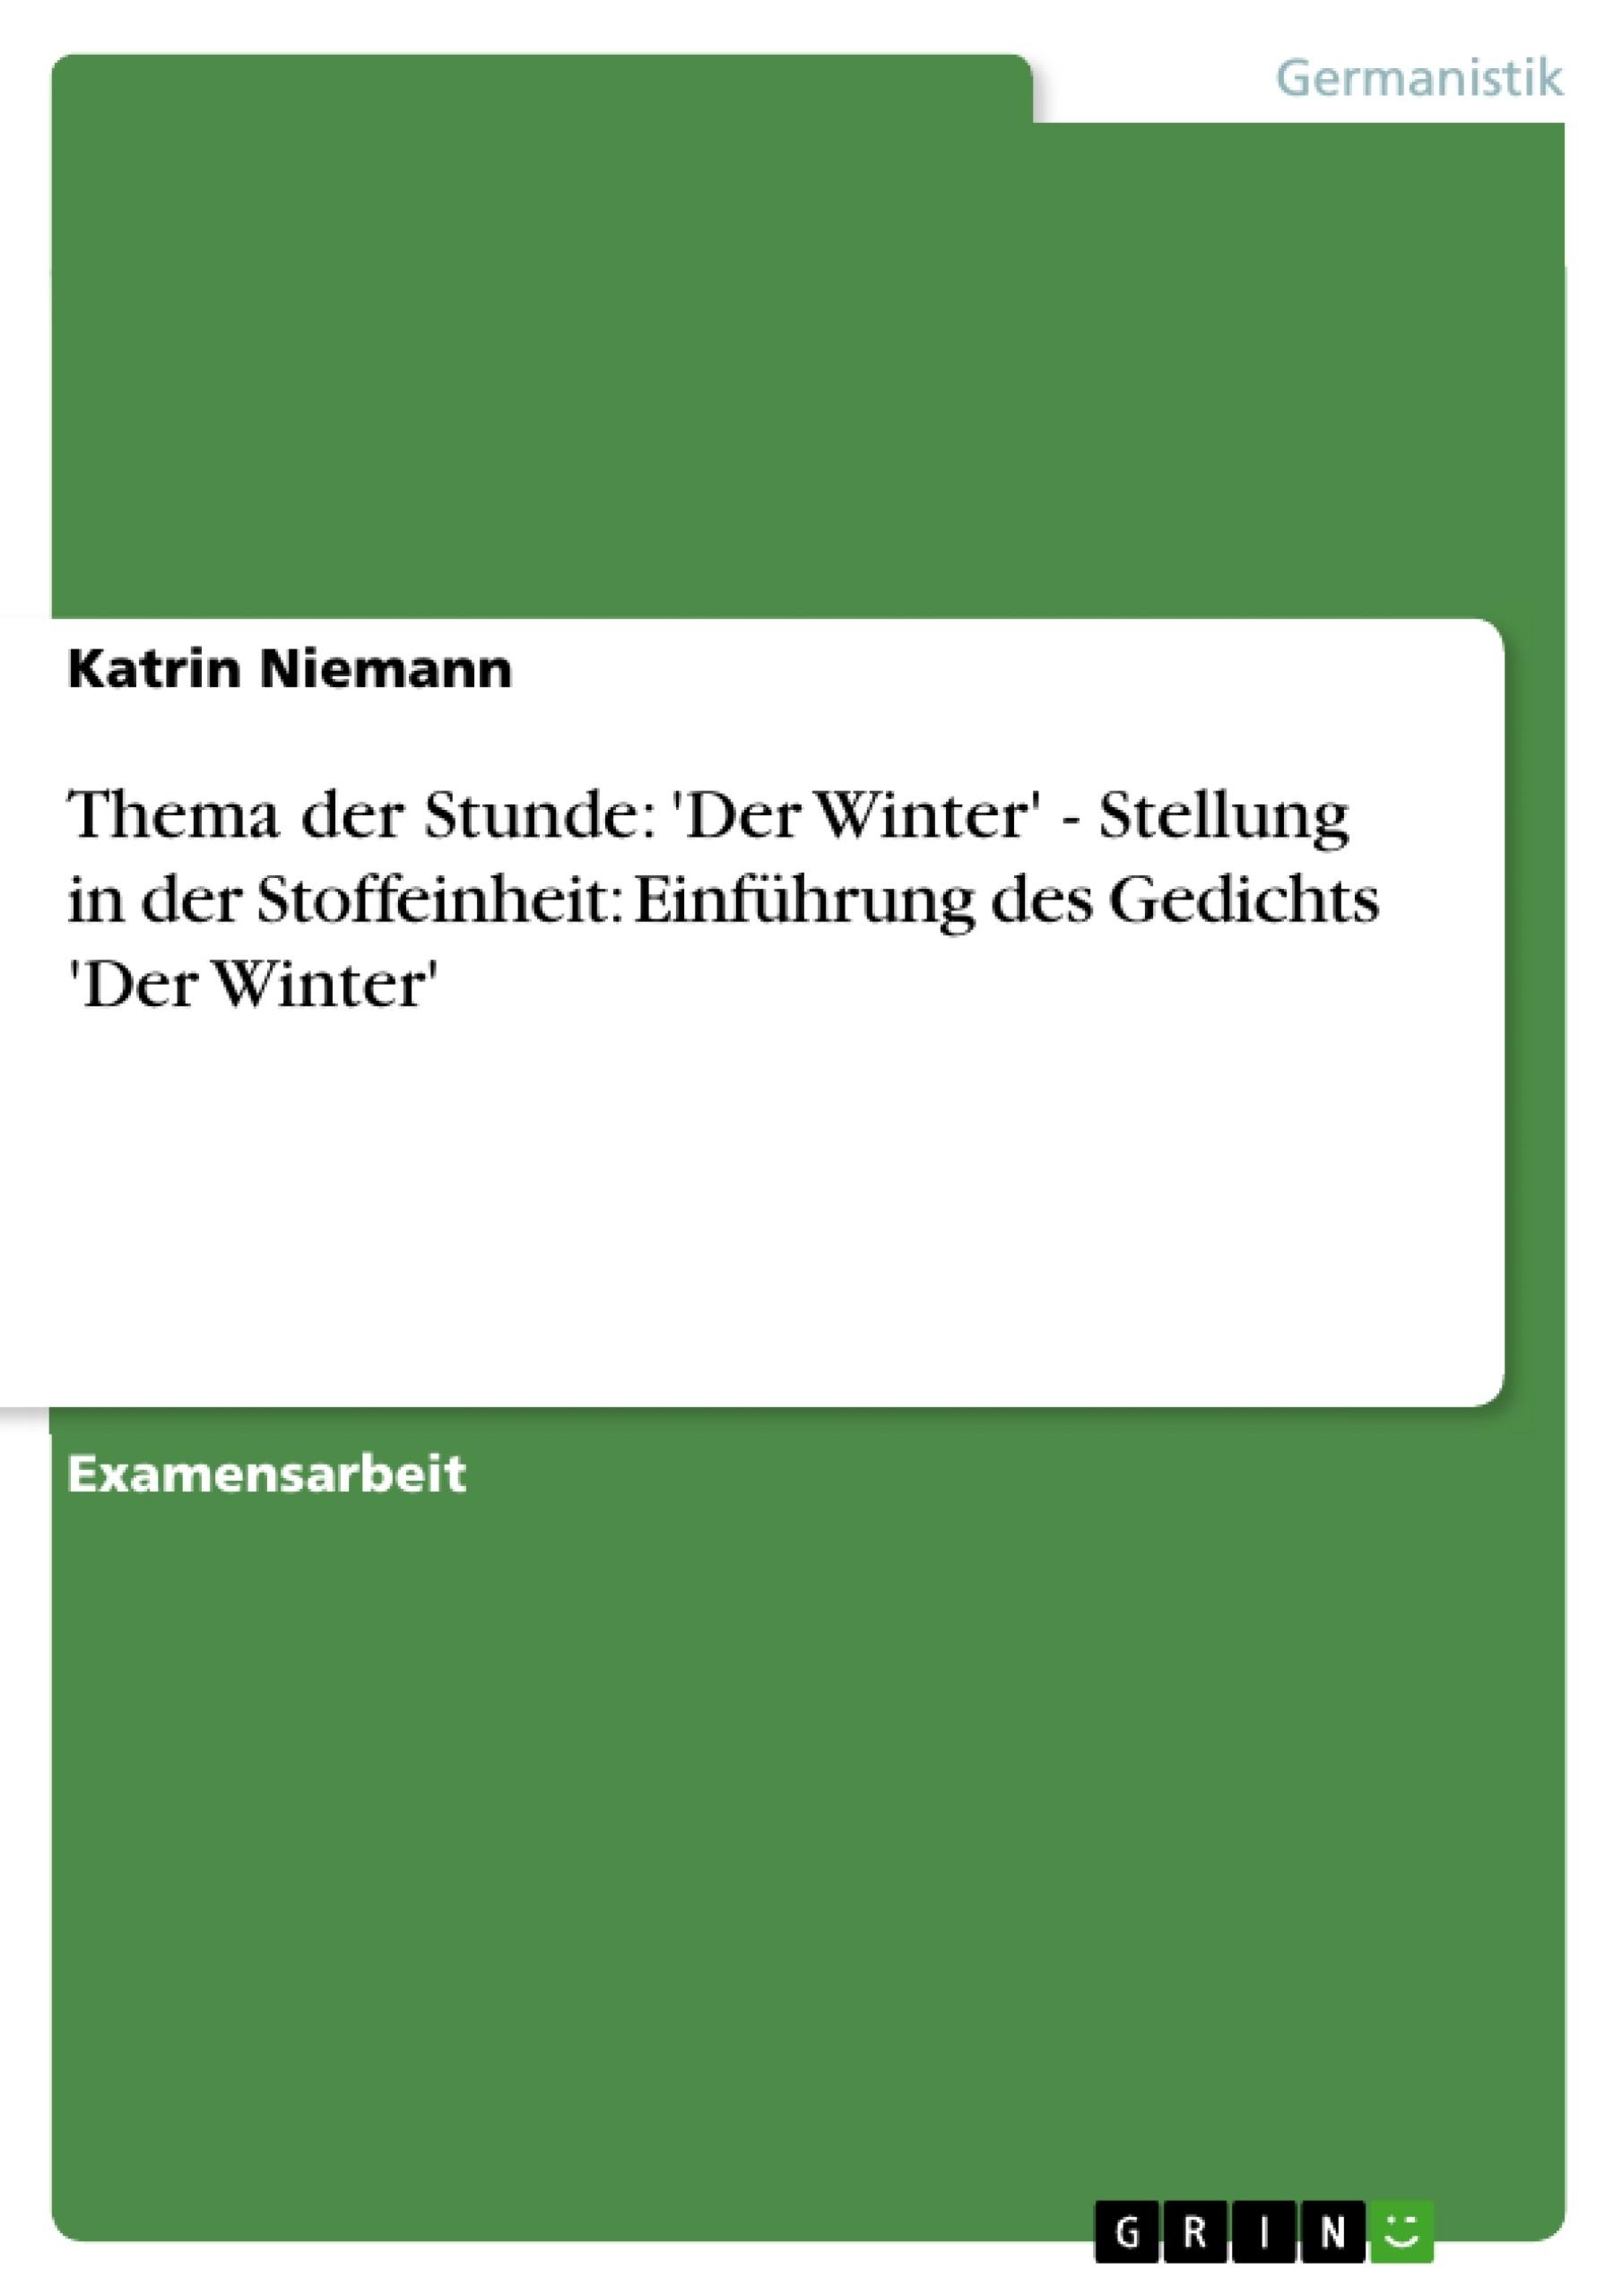 Titel: Thema der Stunde: 'Der Winter' - Stellung in der Stoffeinheit: Einführung des Gedichts 'Der Winter'